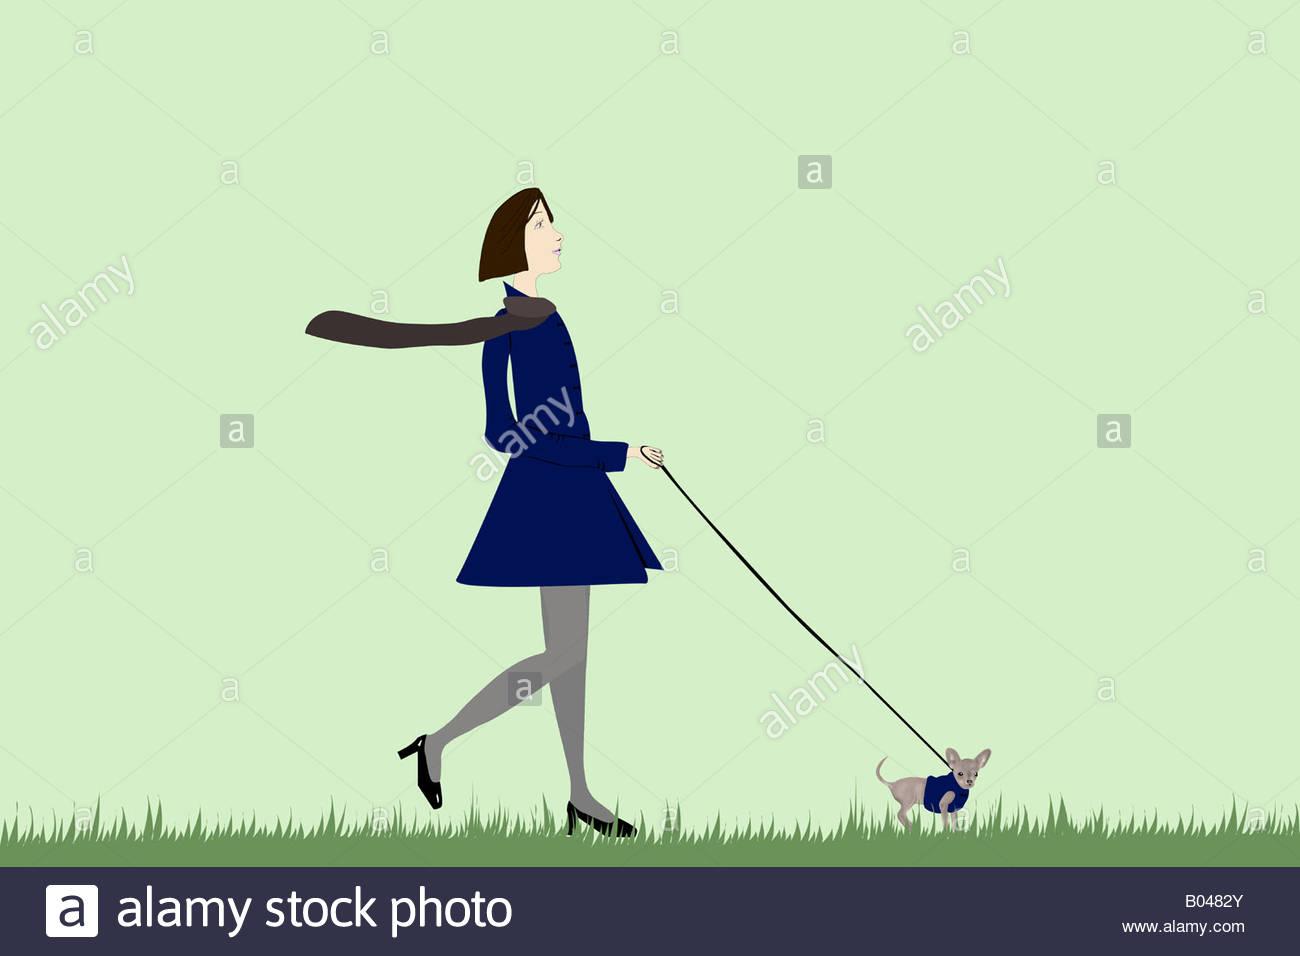 Ilustración de una mujer paseando un perro Imagen De Stock